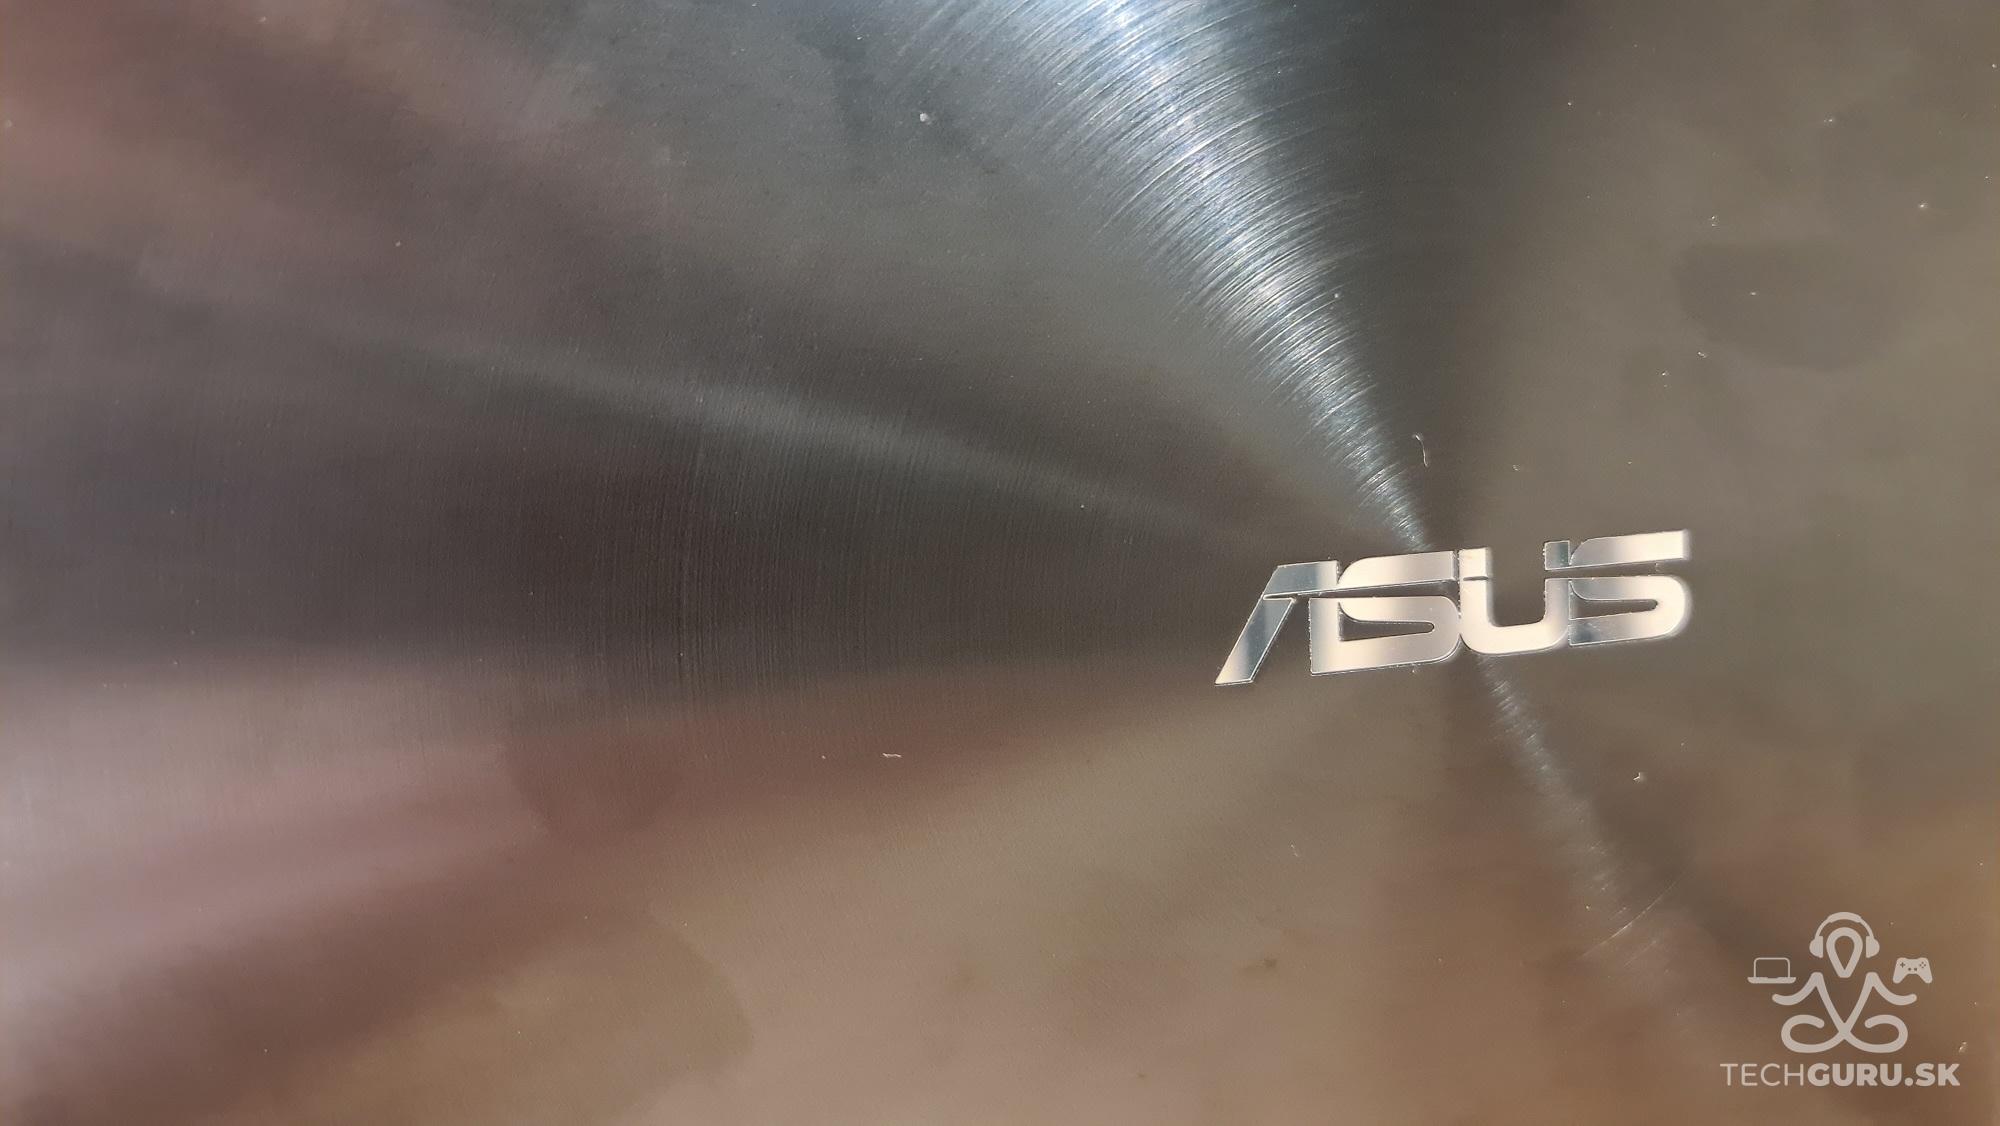 Asus Zenbook Pro Duo kryt displeja